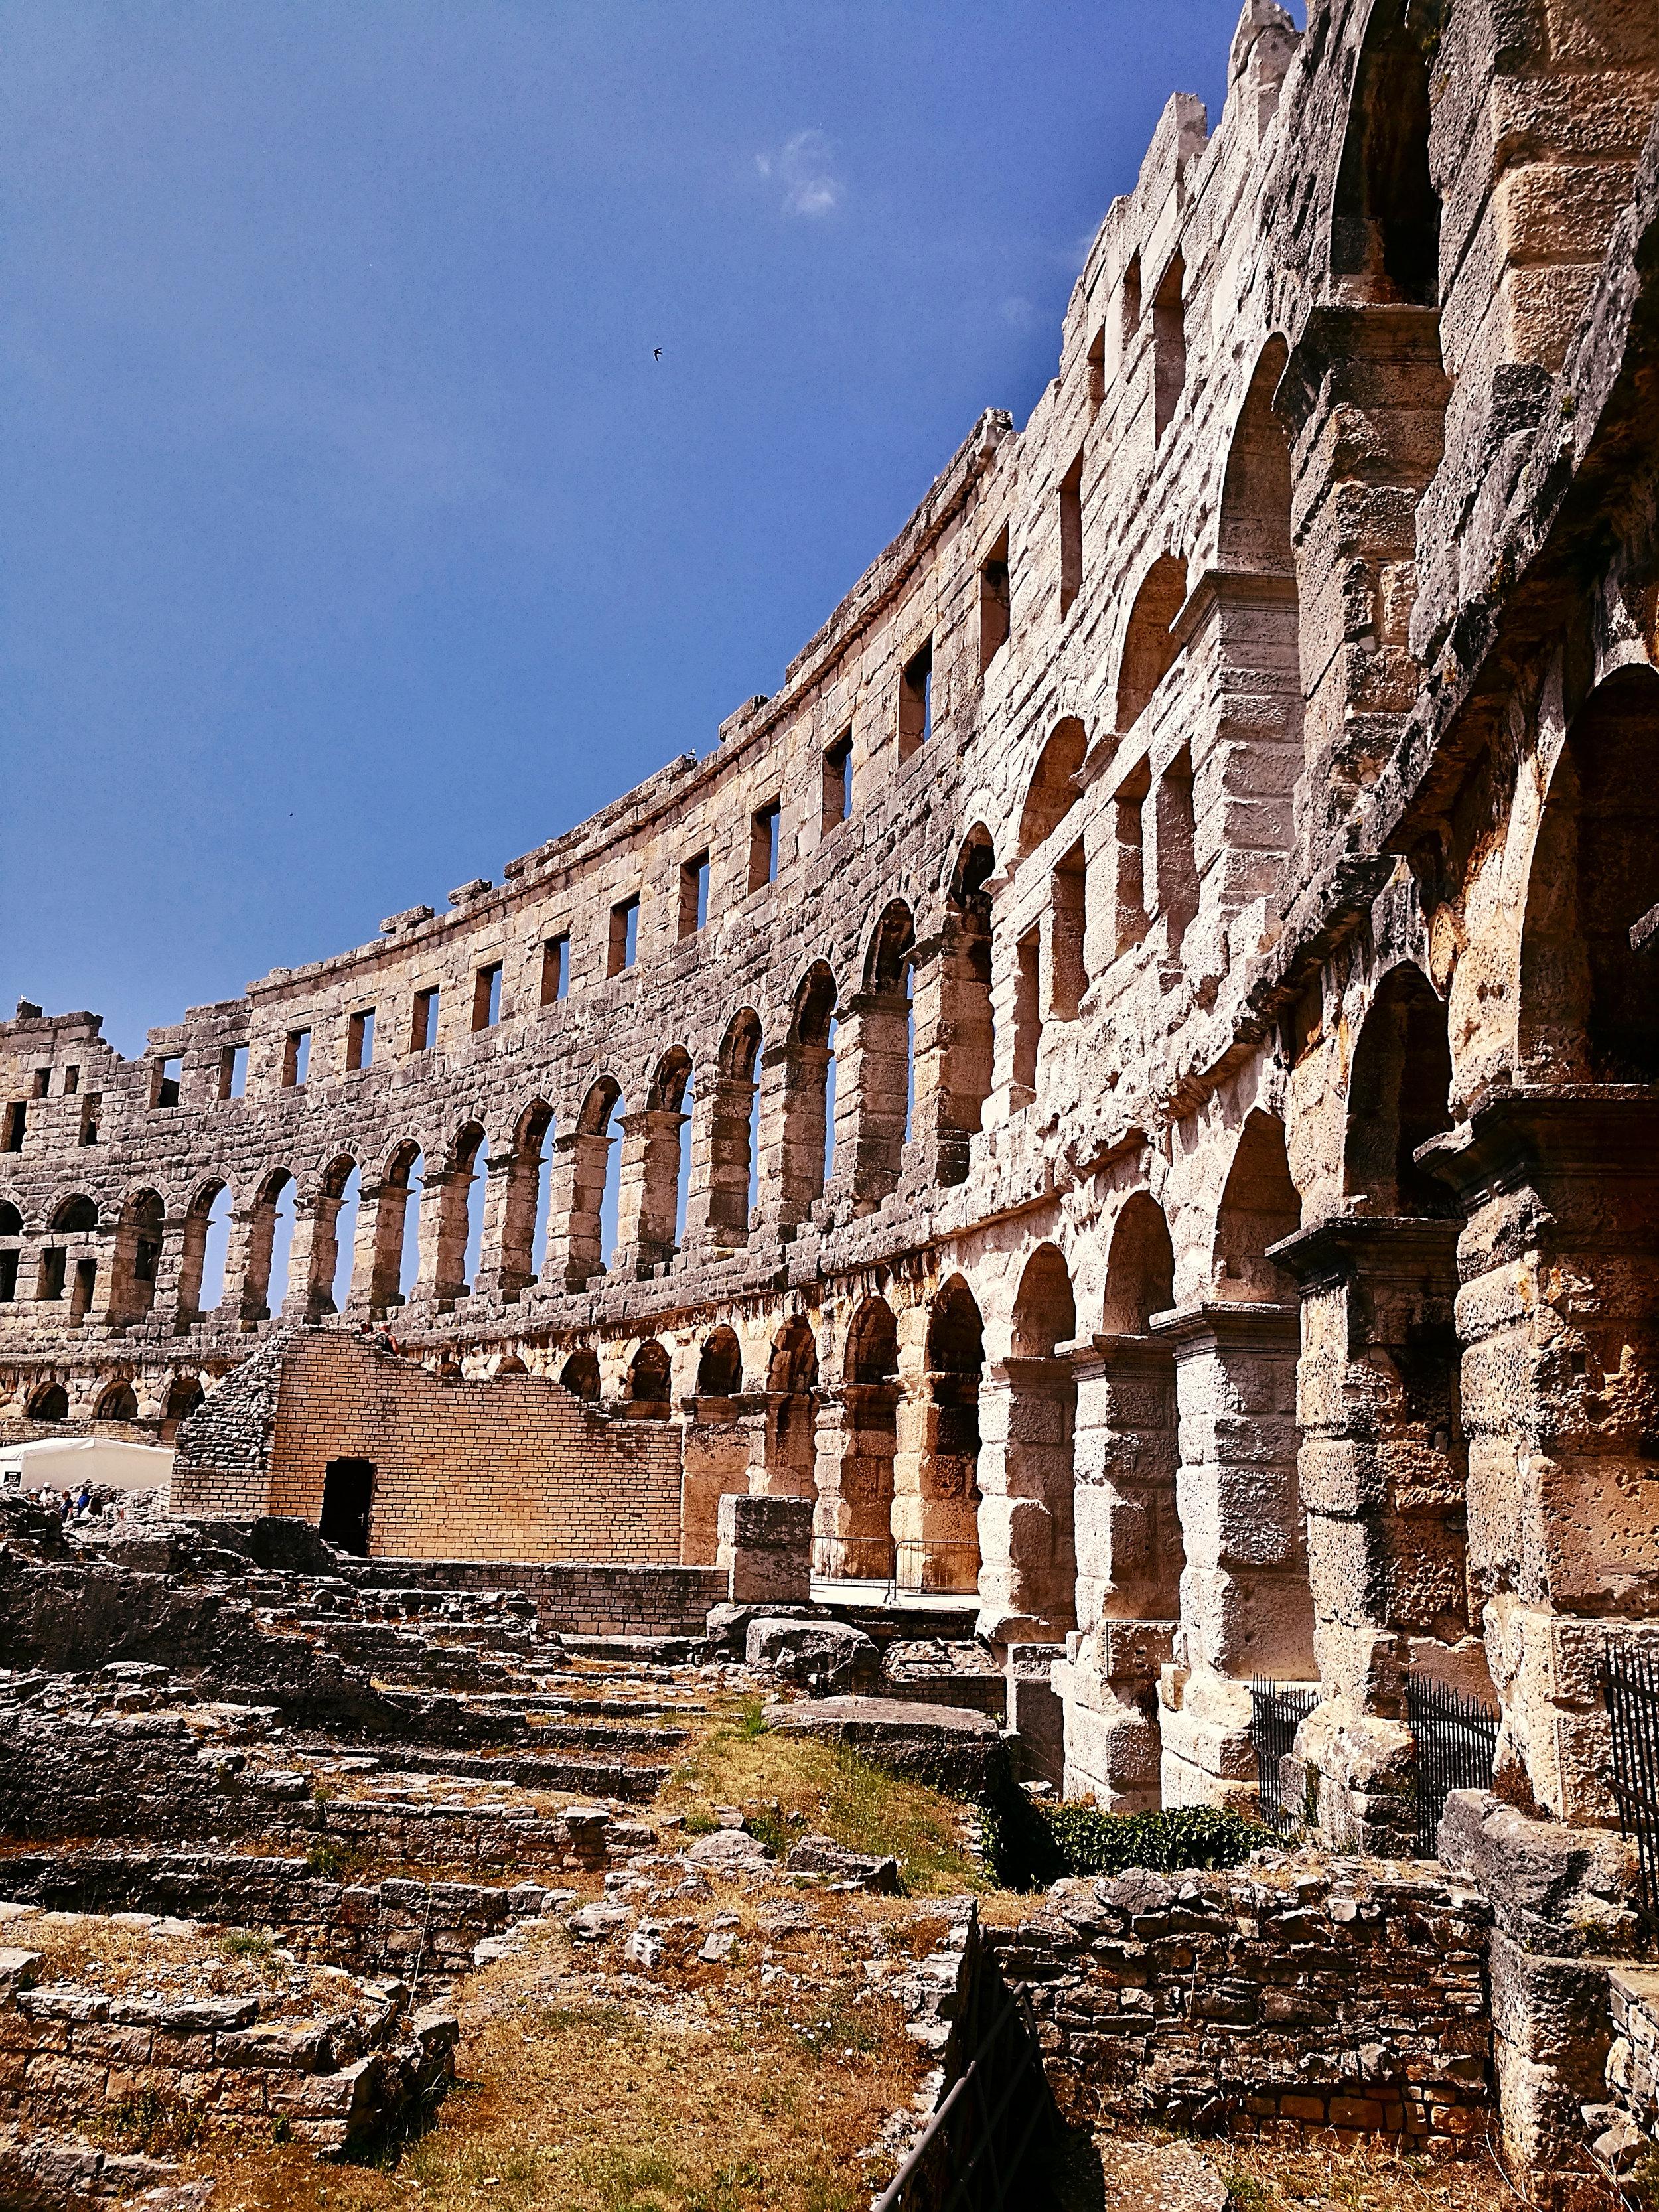 pula-kroatia-amfiteatteri-rakennus-mona-kajander-matkablogi.jpg